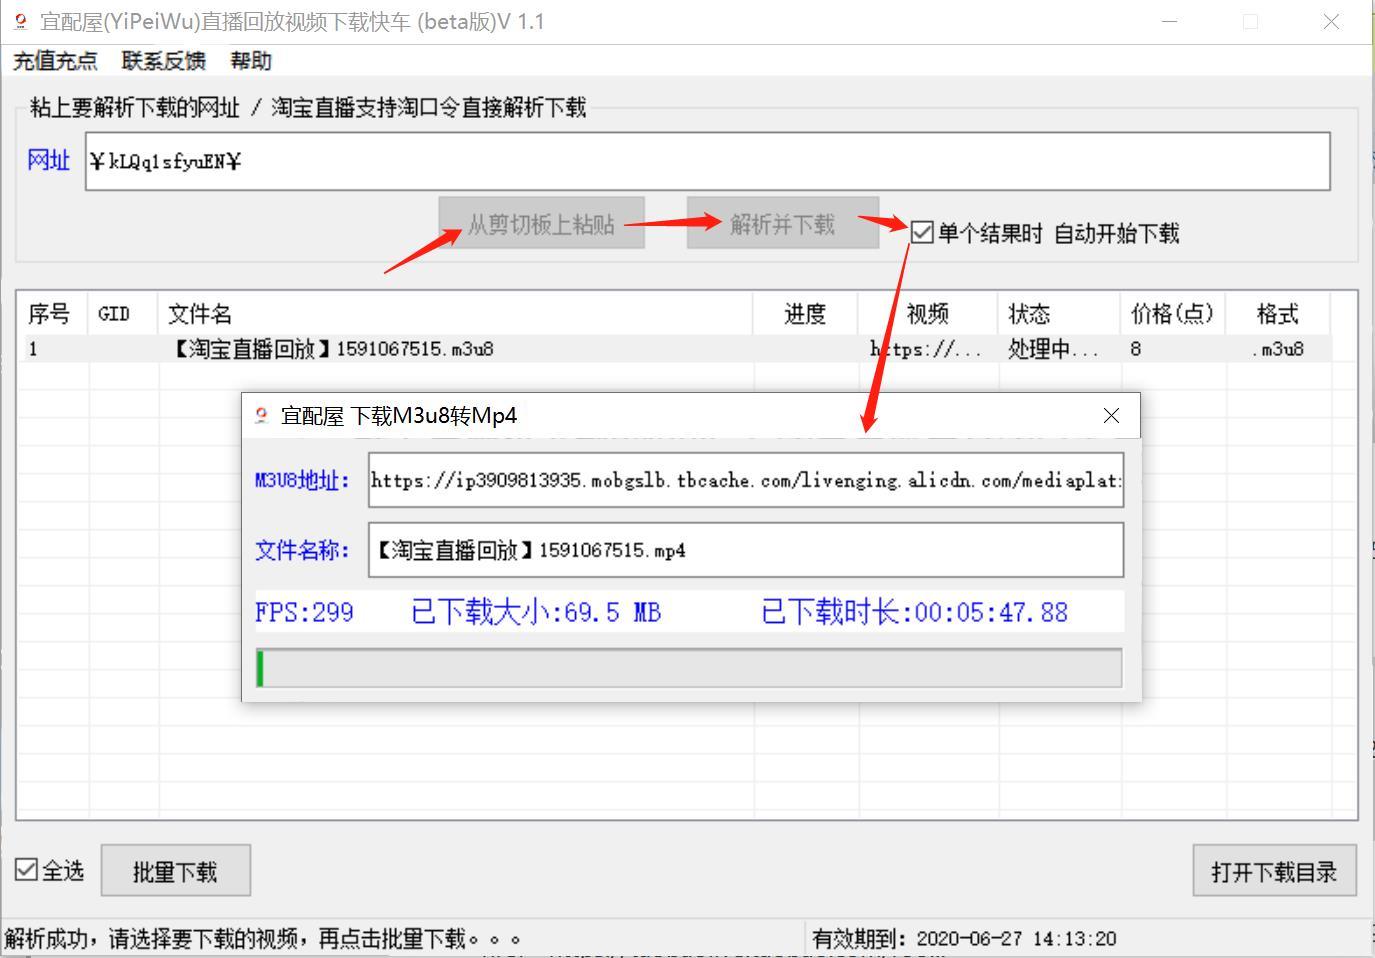 淘宝直播回放视频下载软件-04.jpg